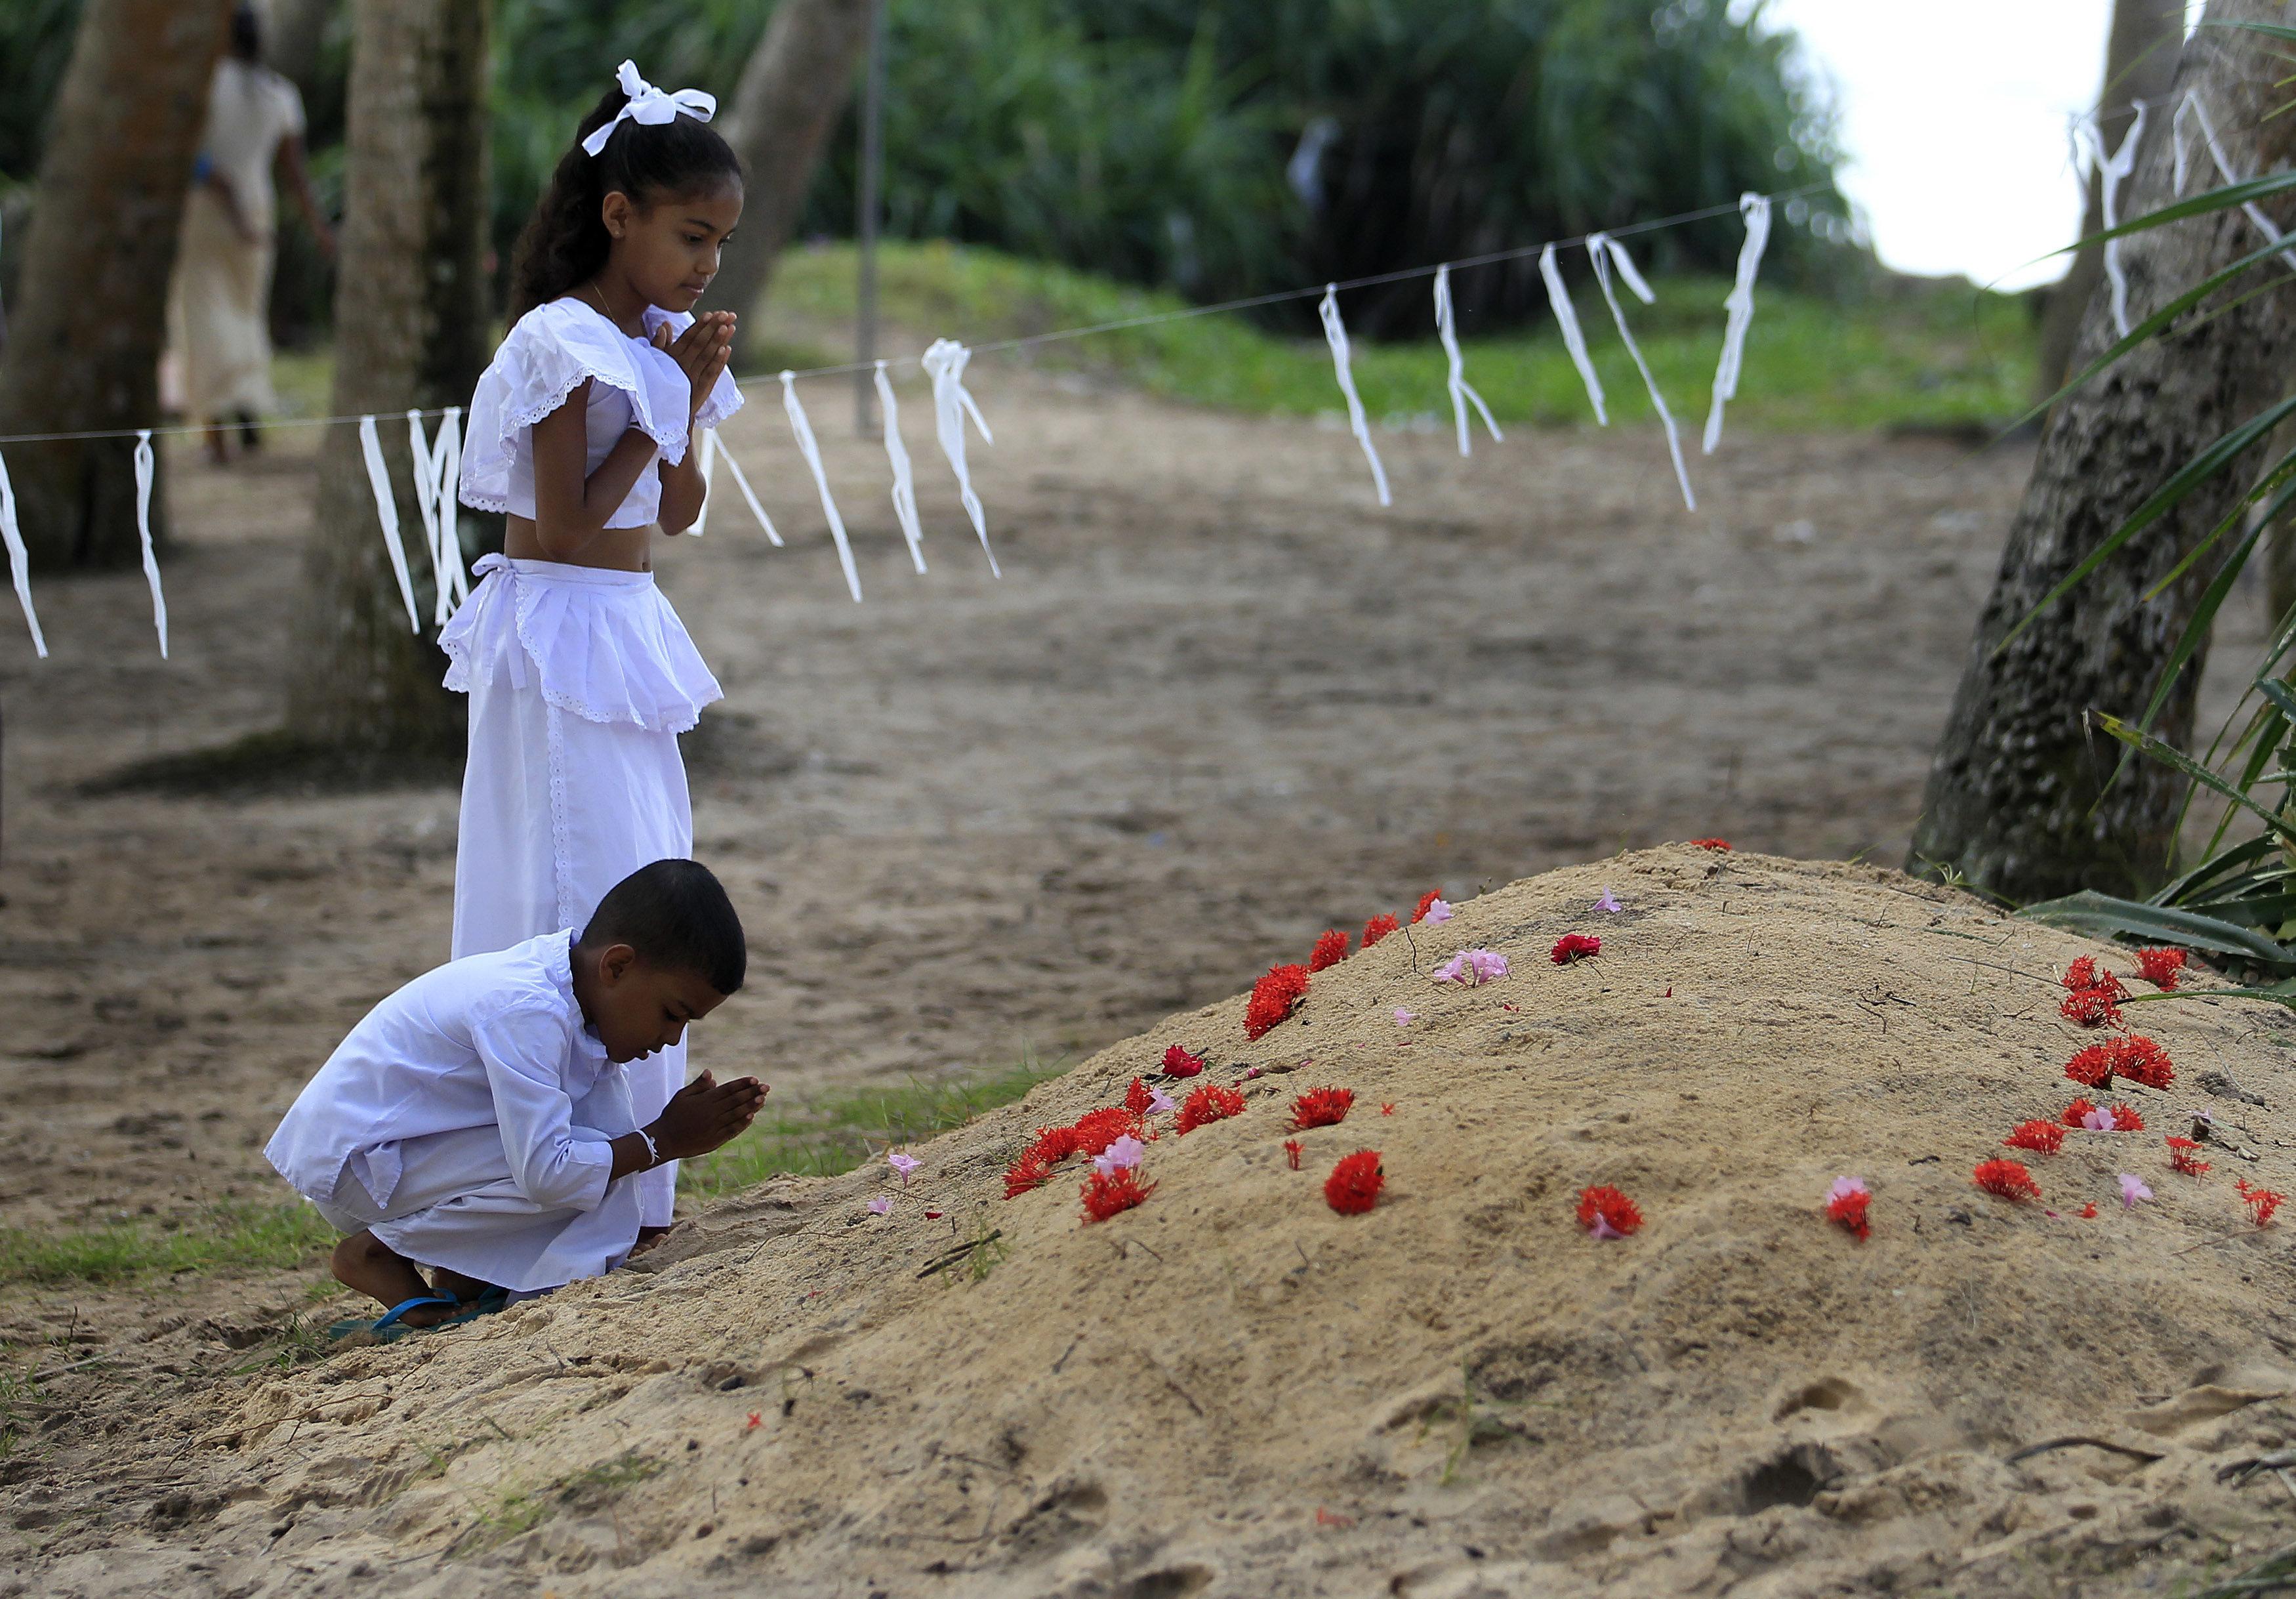 13 χρόνια από το τσουνάμι στον Ινδικό Ωκεανό: Φωτογραφικό υλικό από τη μεγάλη